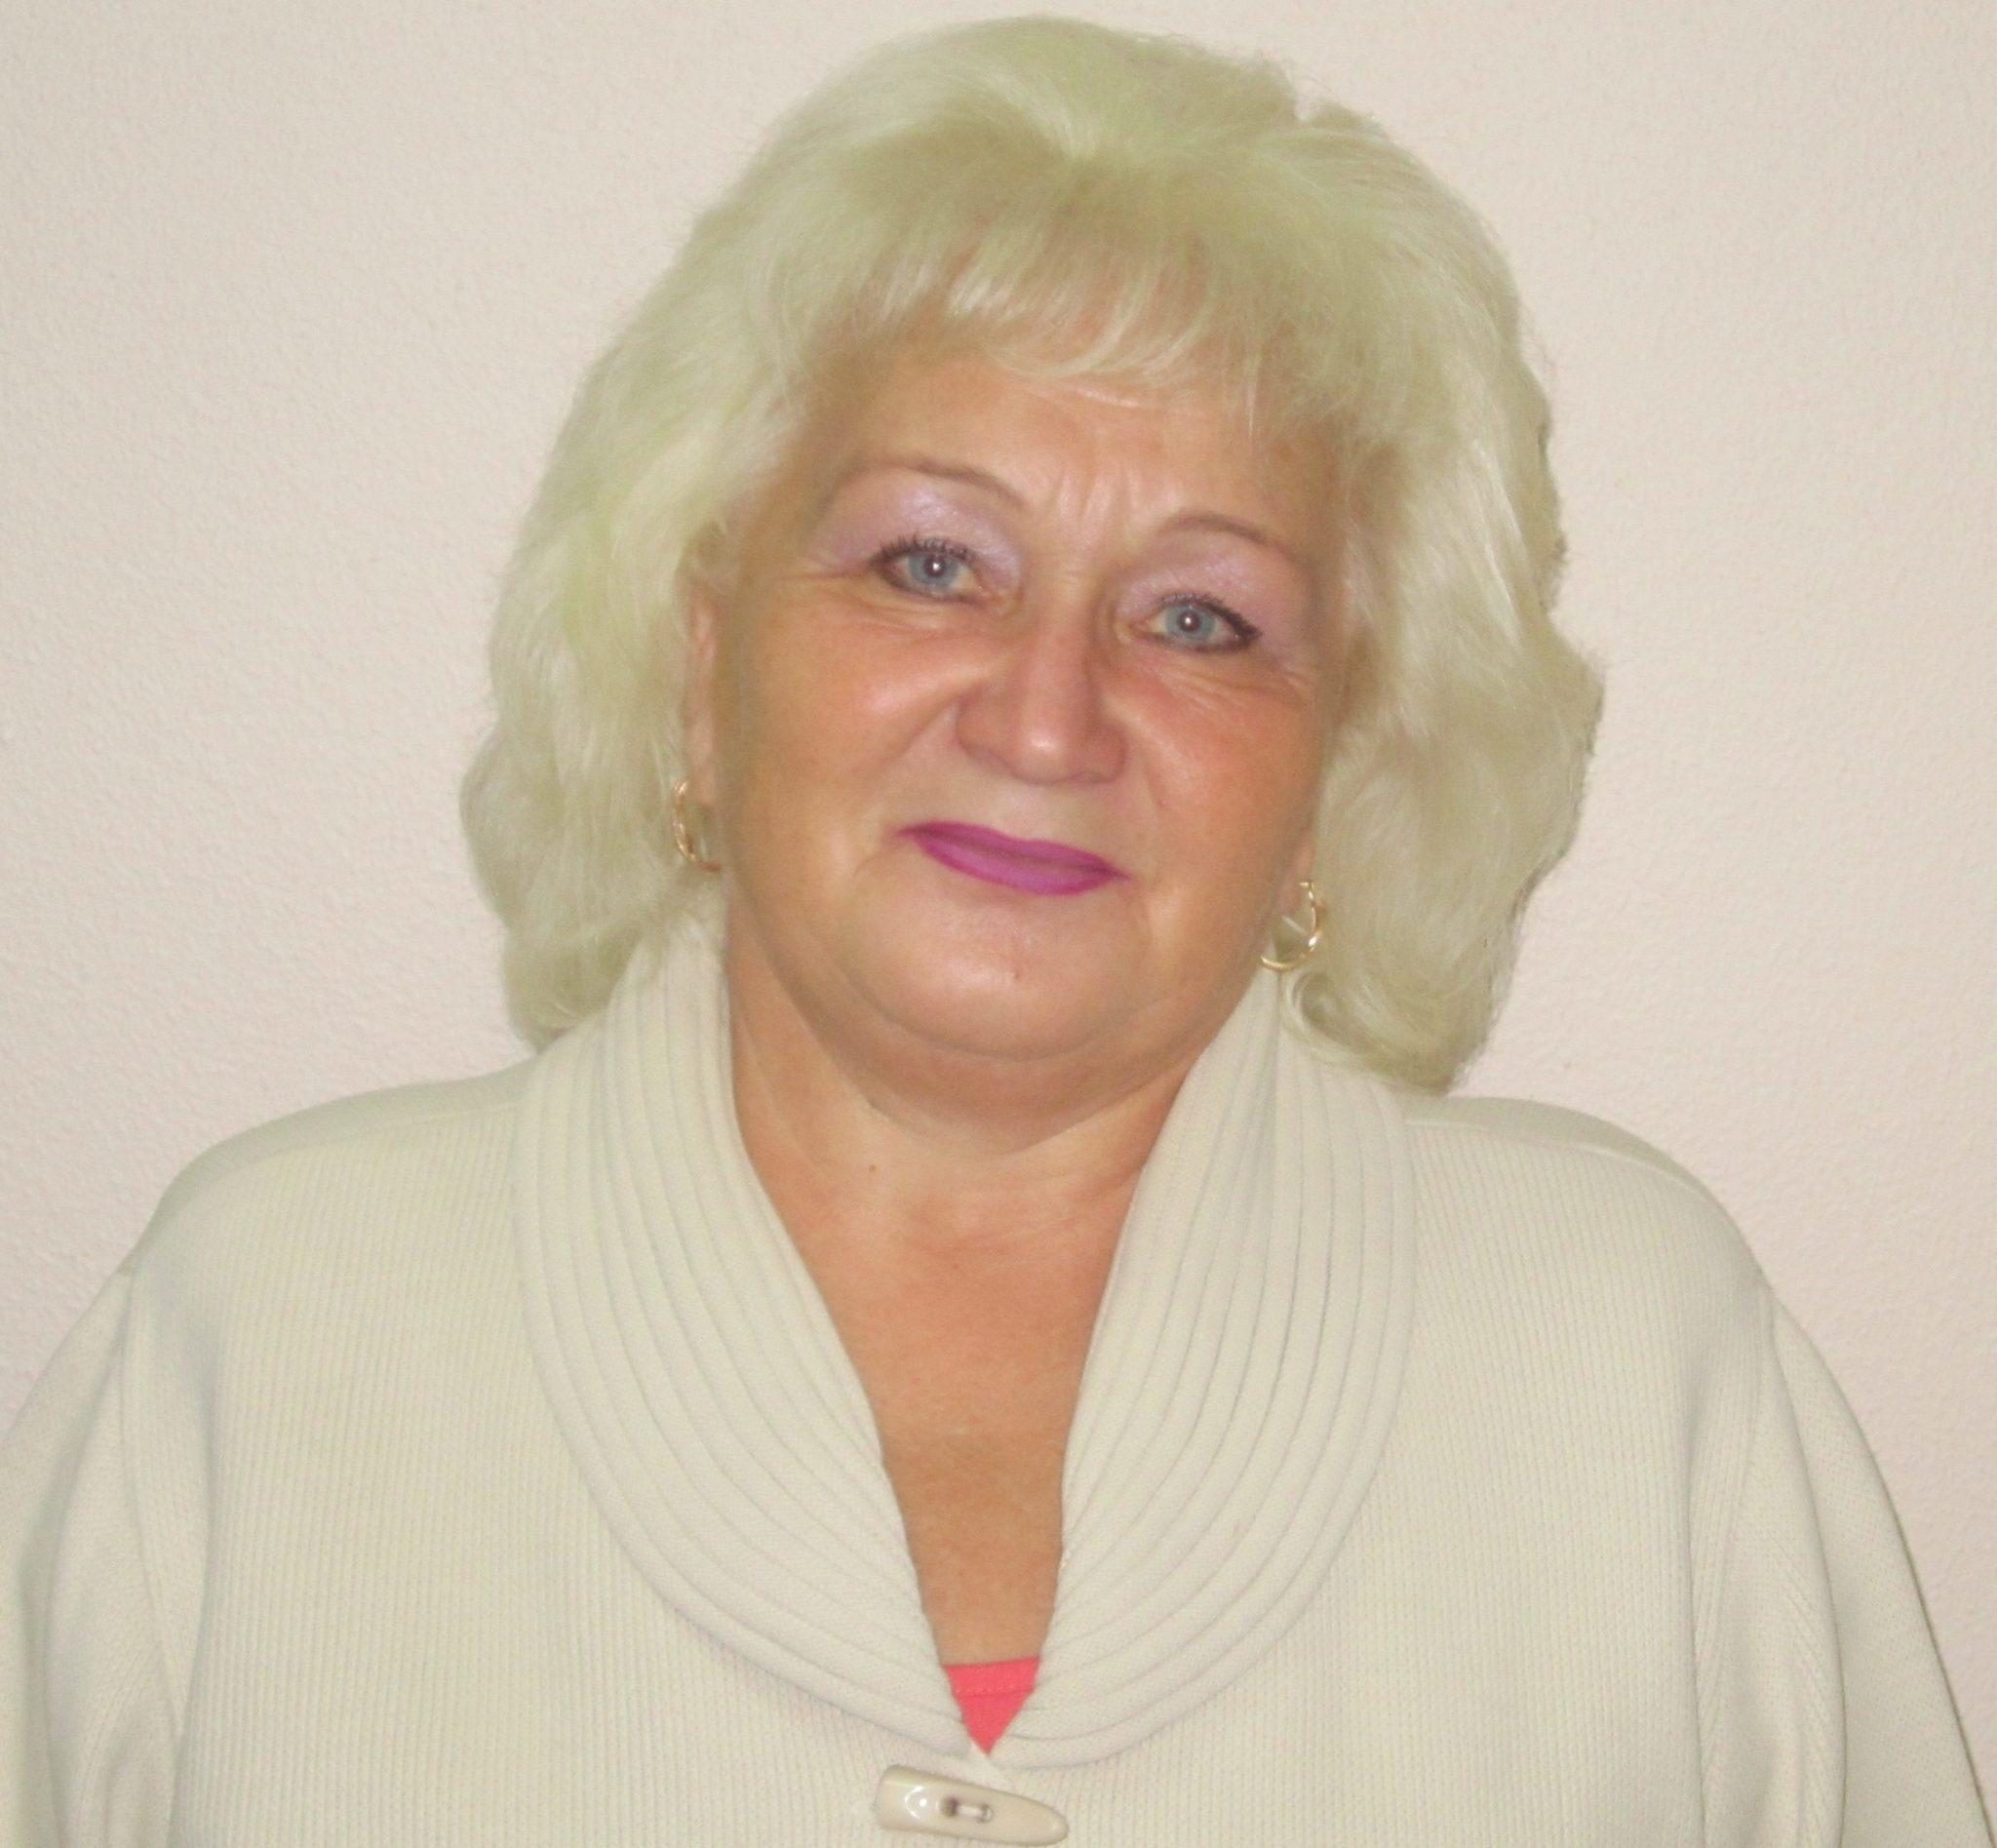 Емилия Карповна